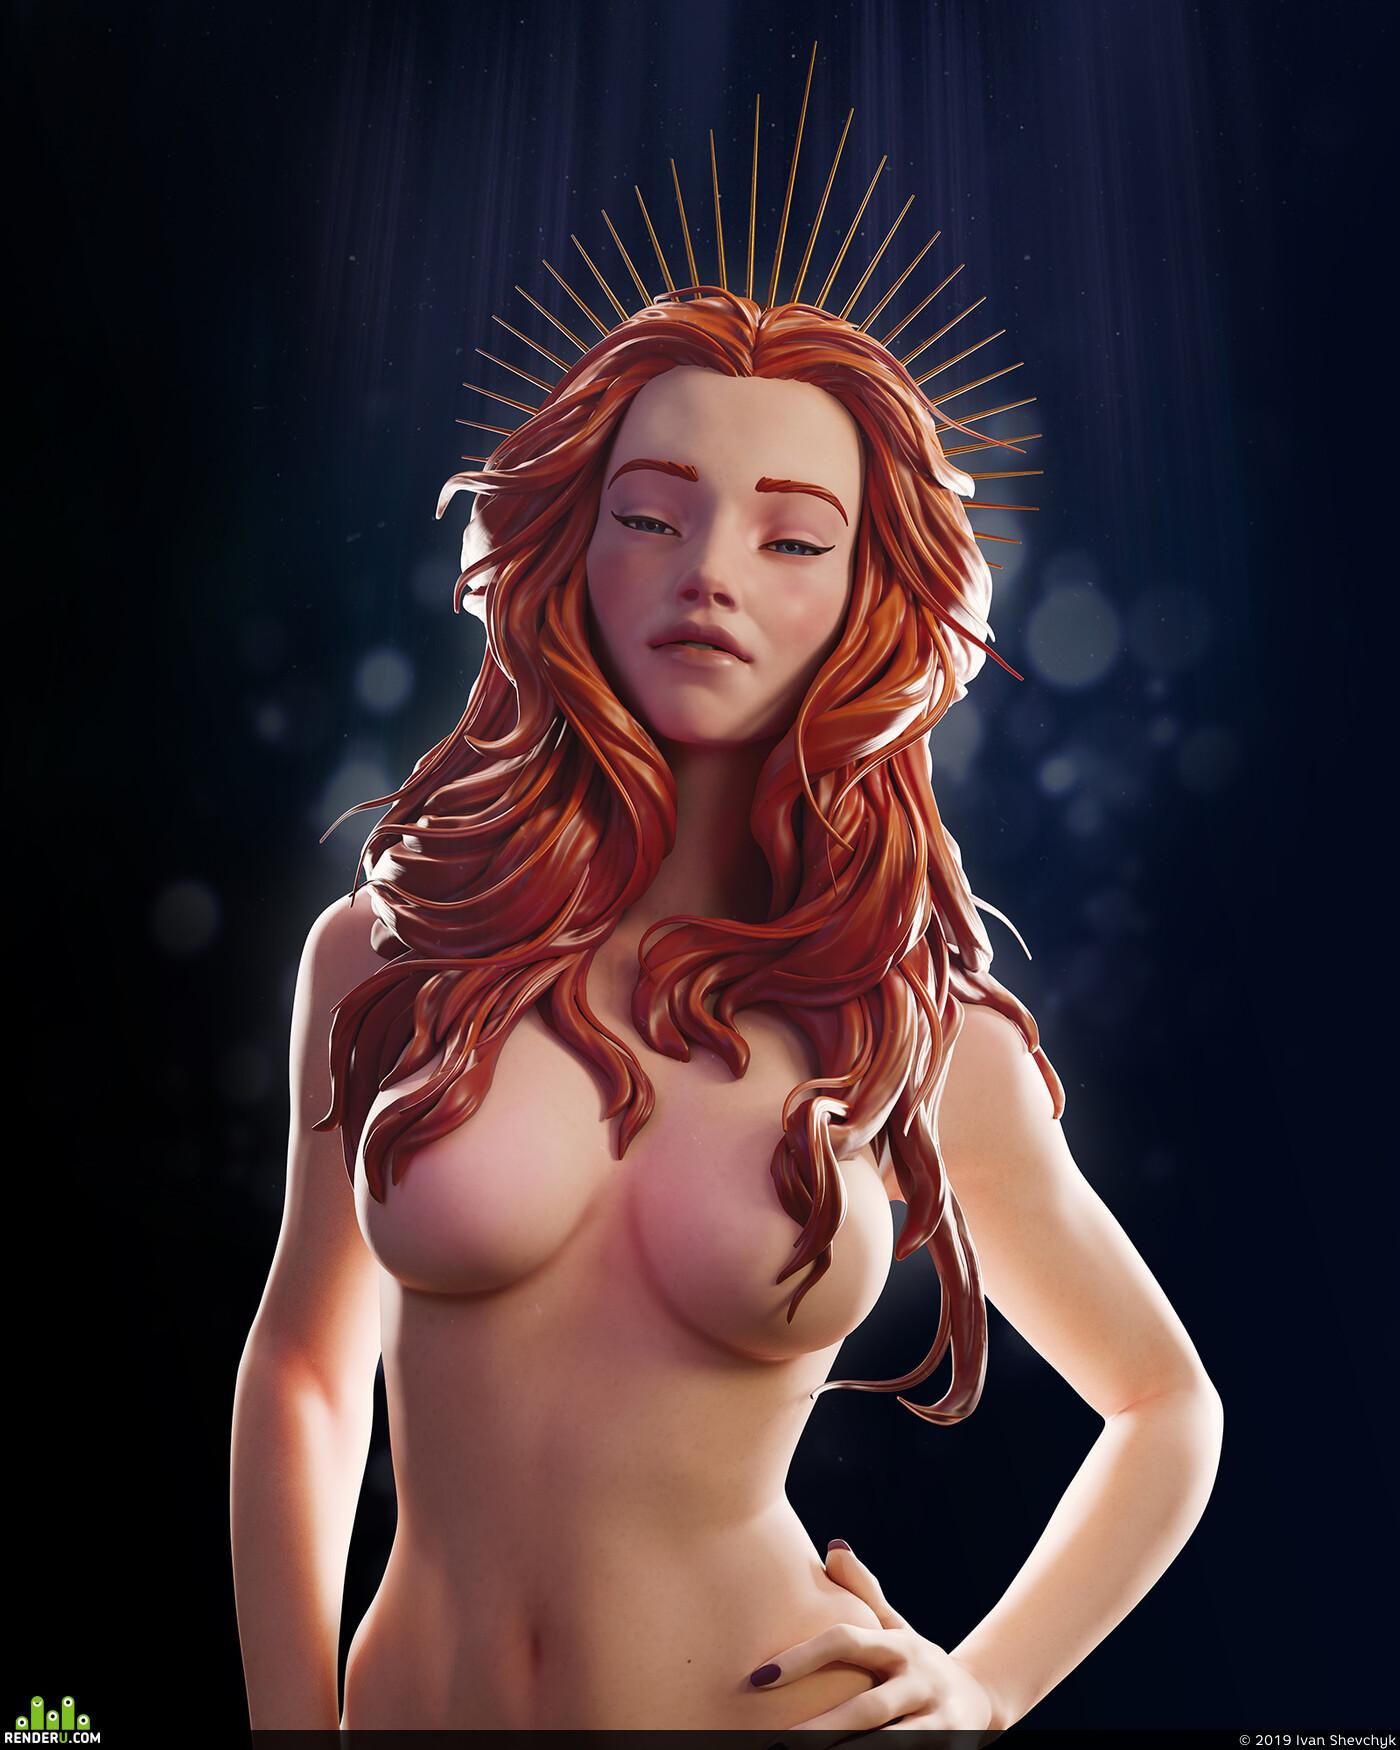 female, girl, stylized, Картун (Cartoon), ZBrush, zbrushhair